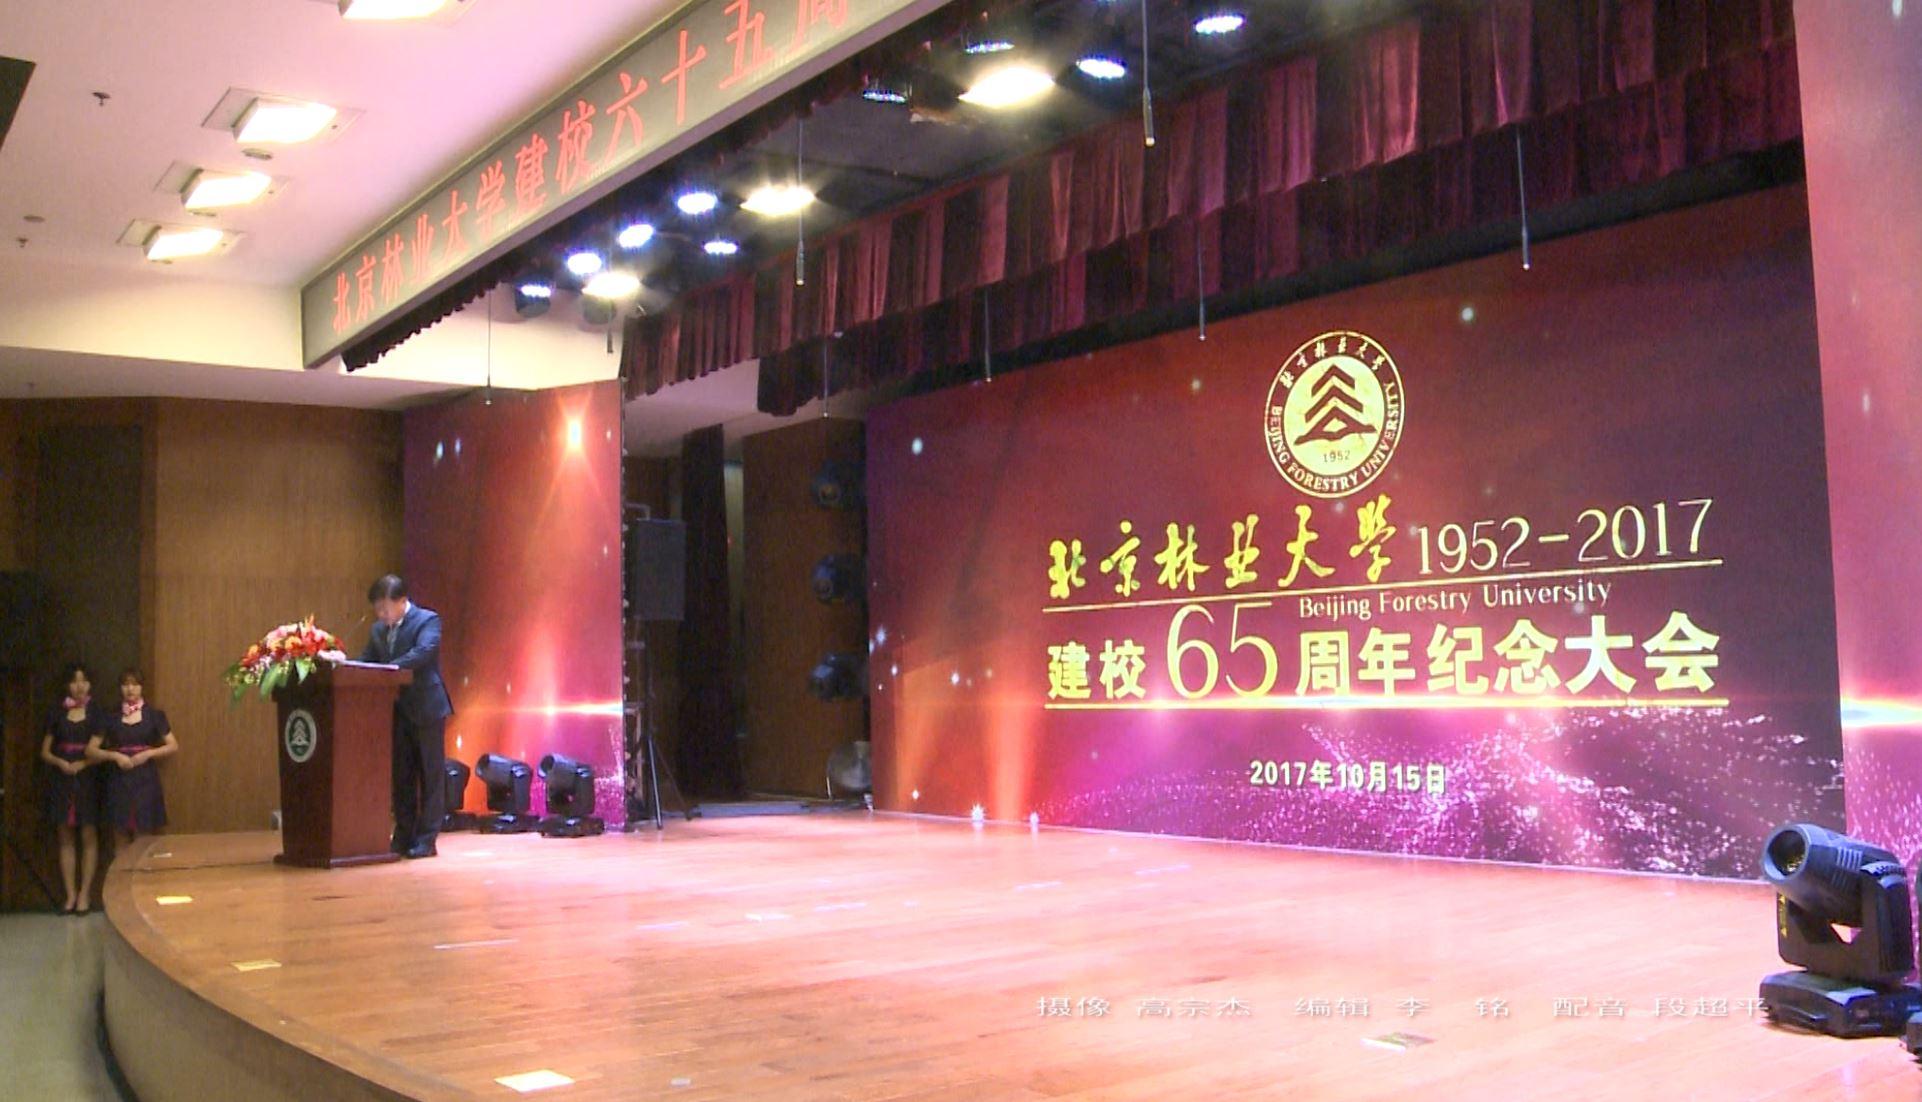 视频新闻342期:北京林业大学建校六十五周年纪念大会隆重举行